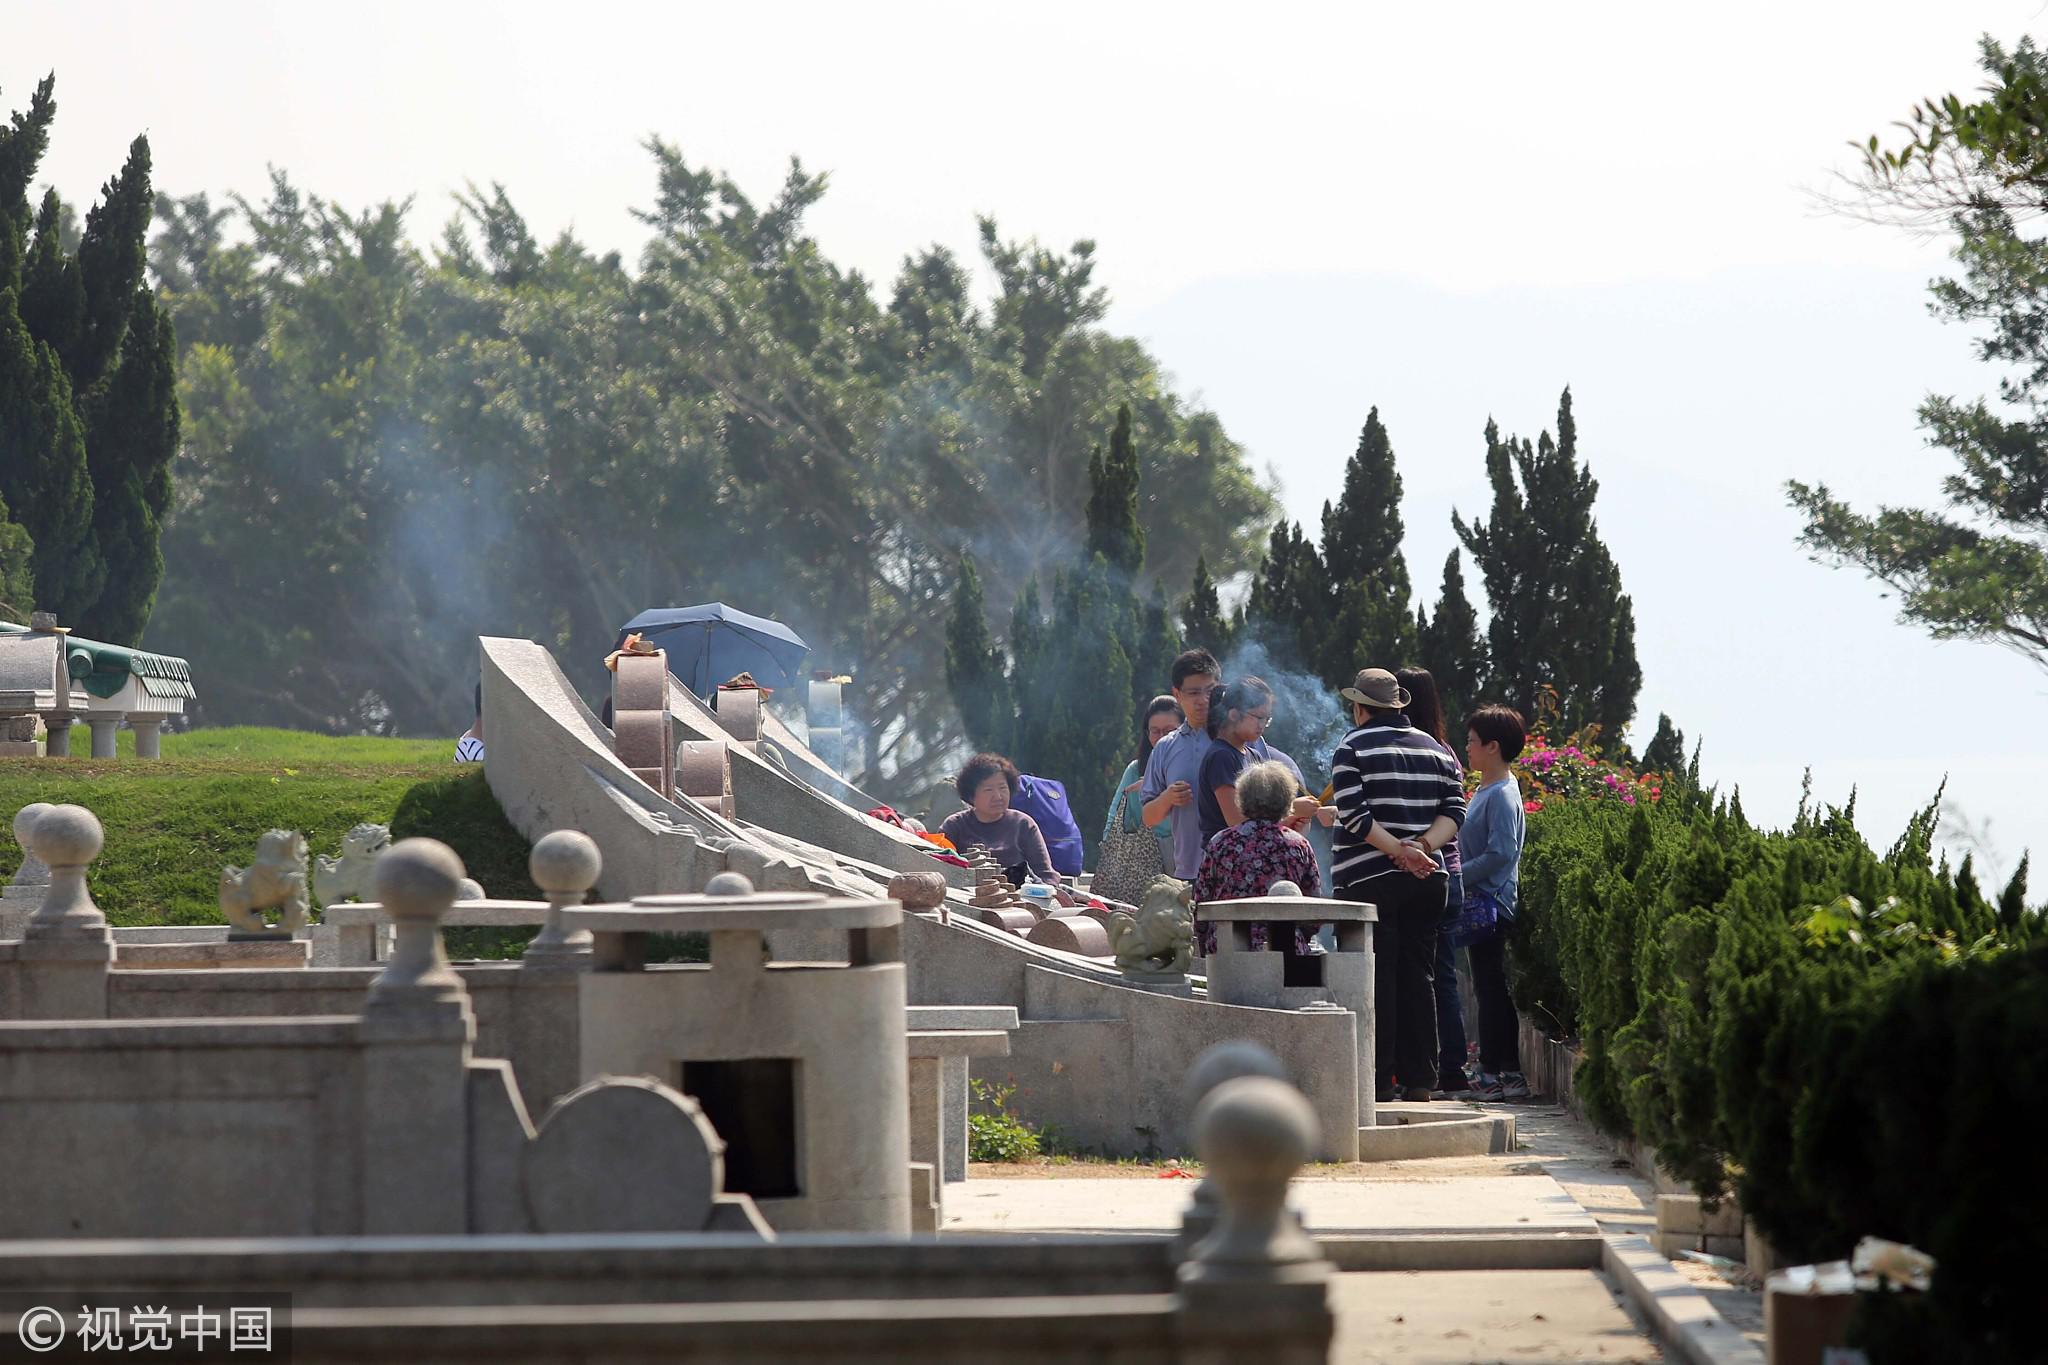 2017年4月4日,深圳大鹏湾华侨墓园迎来海外华侨和港澳同胞扫墓祭祖的高峰。/视觉中国